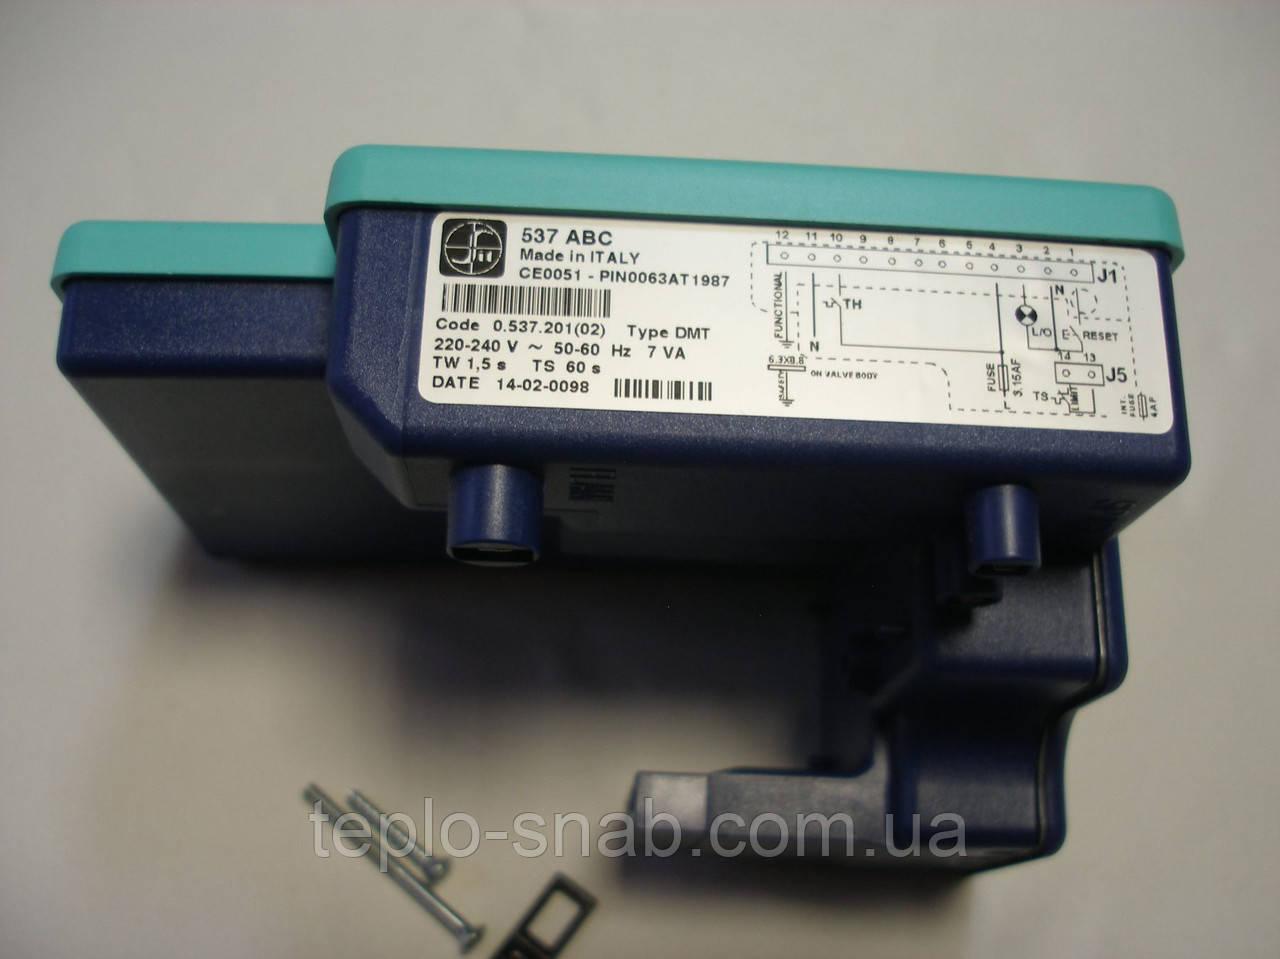 Блок электронного управления 537 ABC Fondital Bali/Nova Florida Altair (только дым. версия). 6WSCEACC00